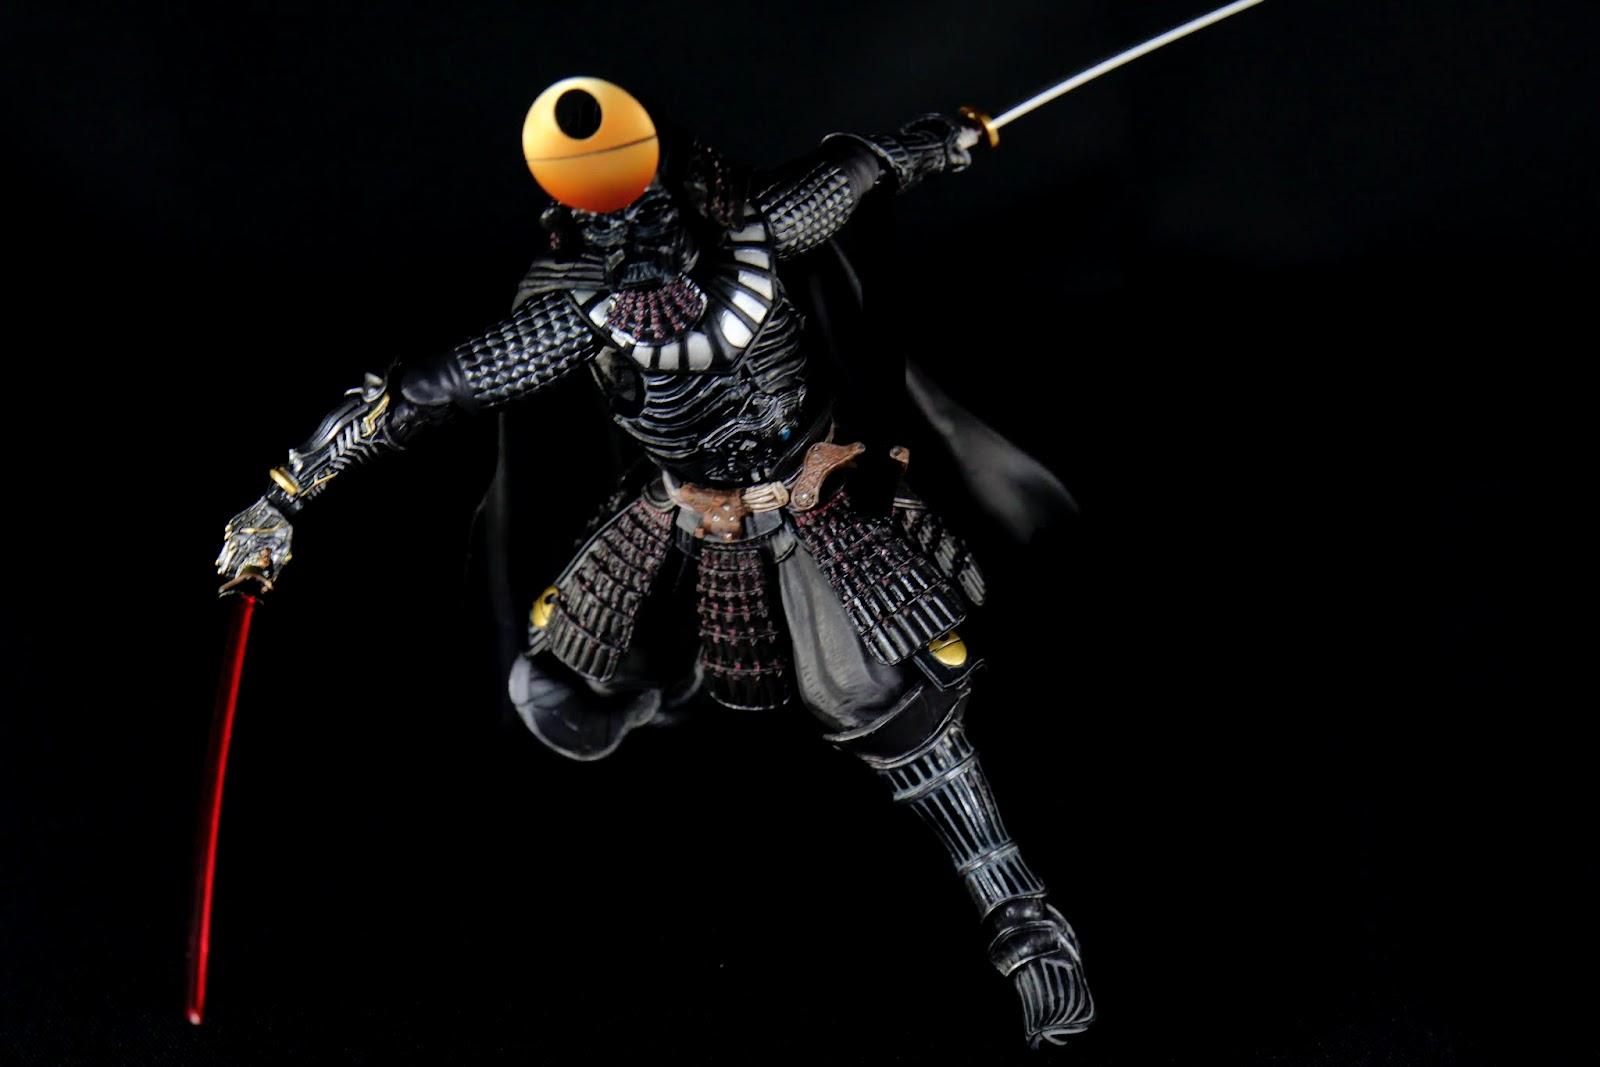 秘技:大迴旋死星舞斬!